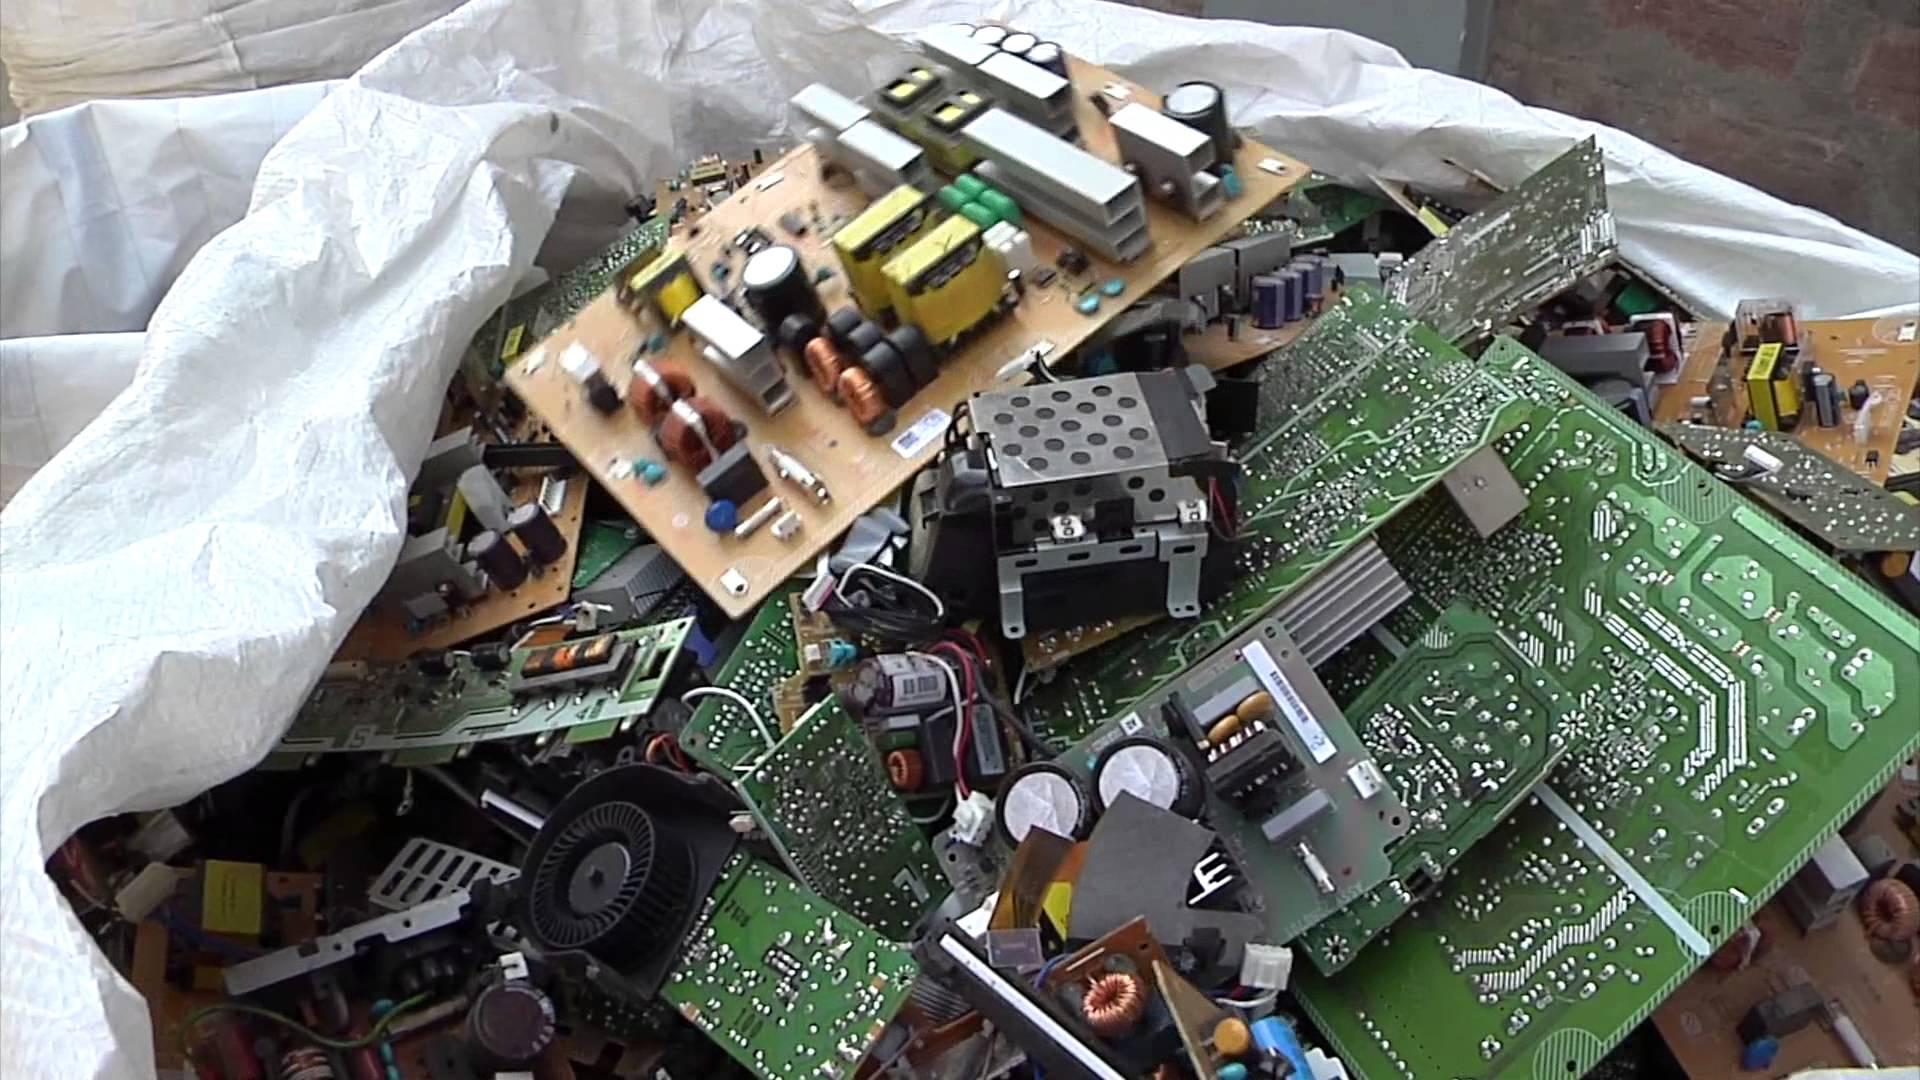 Un informe calcula en 352.474 toneladas por año la exportación de residuos electrónicos de la Unión Europea a países en desarrollo